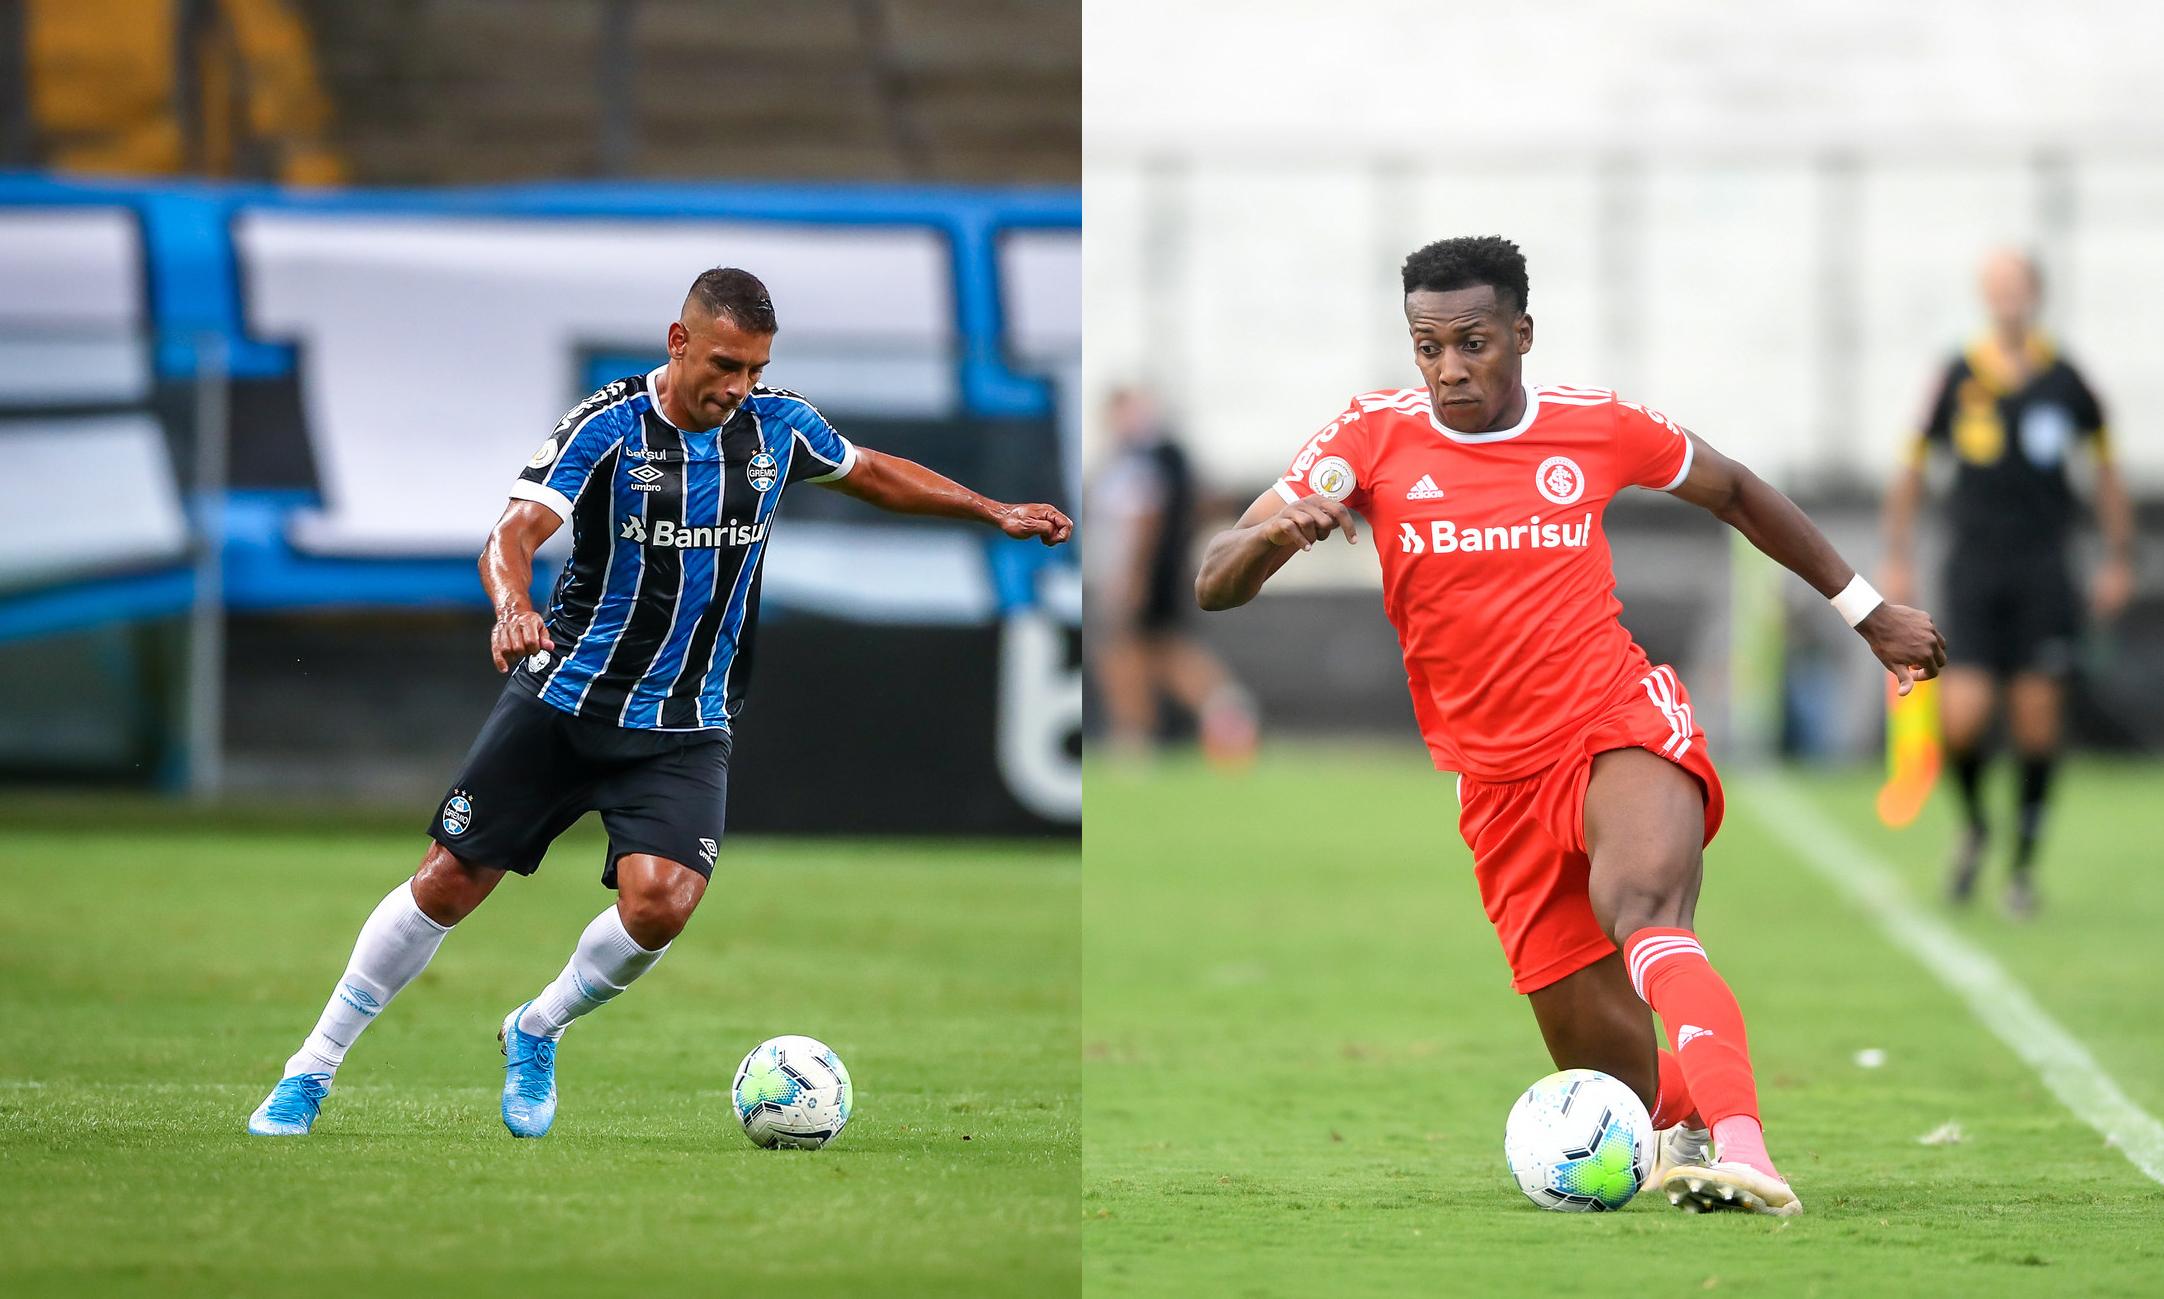 Opinião: Internacional tem jogo decisivo diante do Flamengo; Grêmio em fim de festa - Olimpia Sports